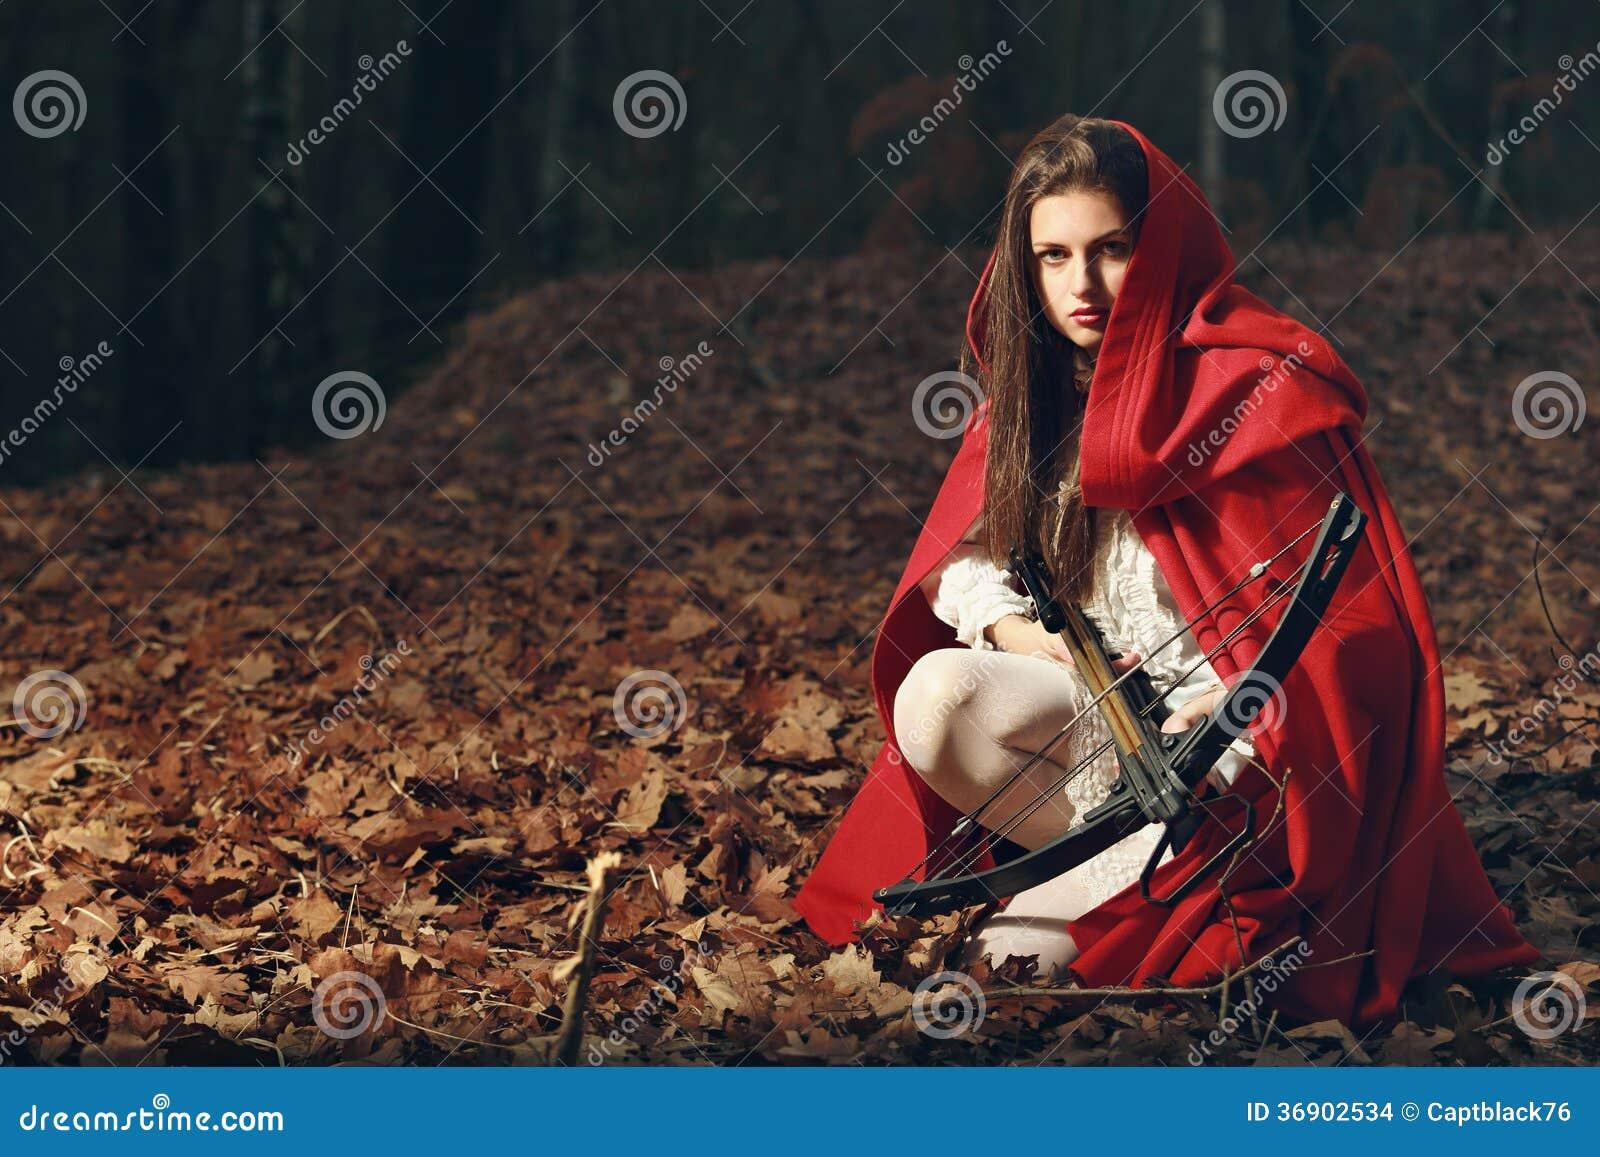 Pouca capa de equitação vermelha na floresta escura